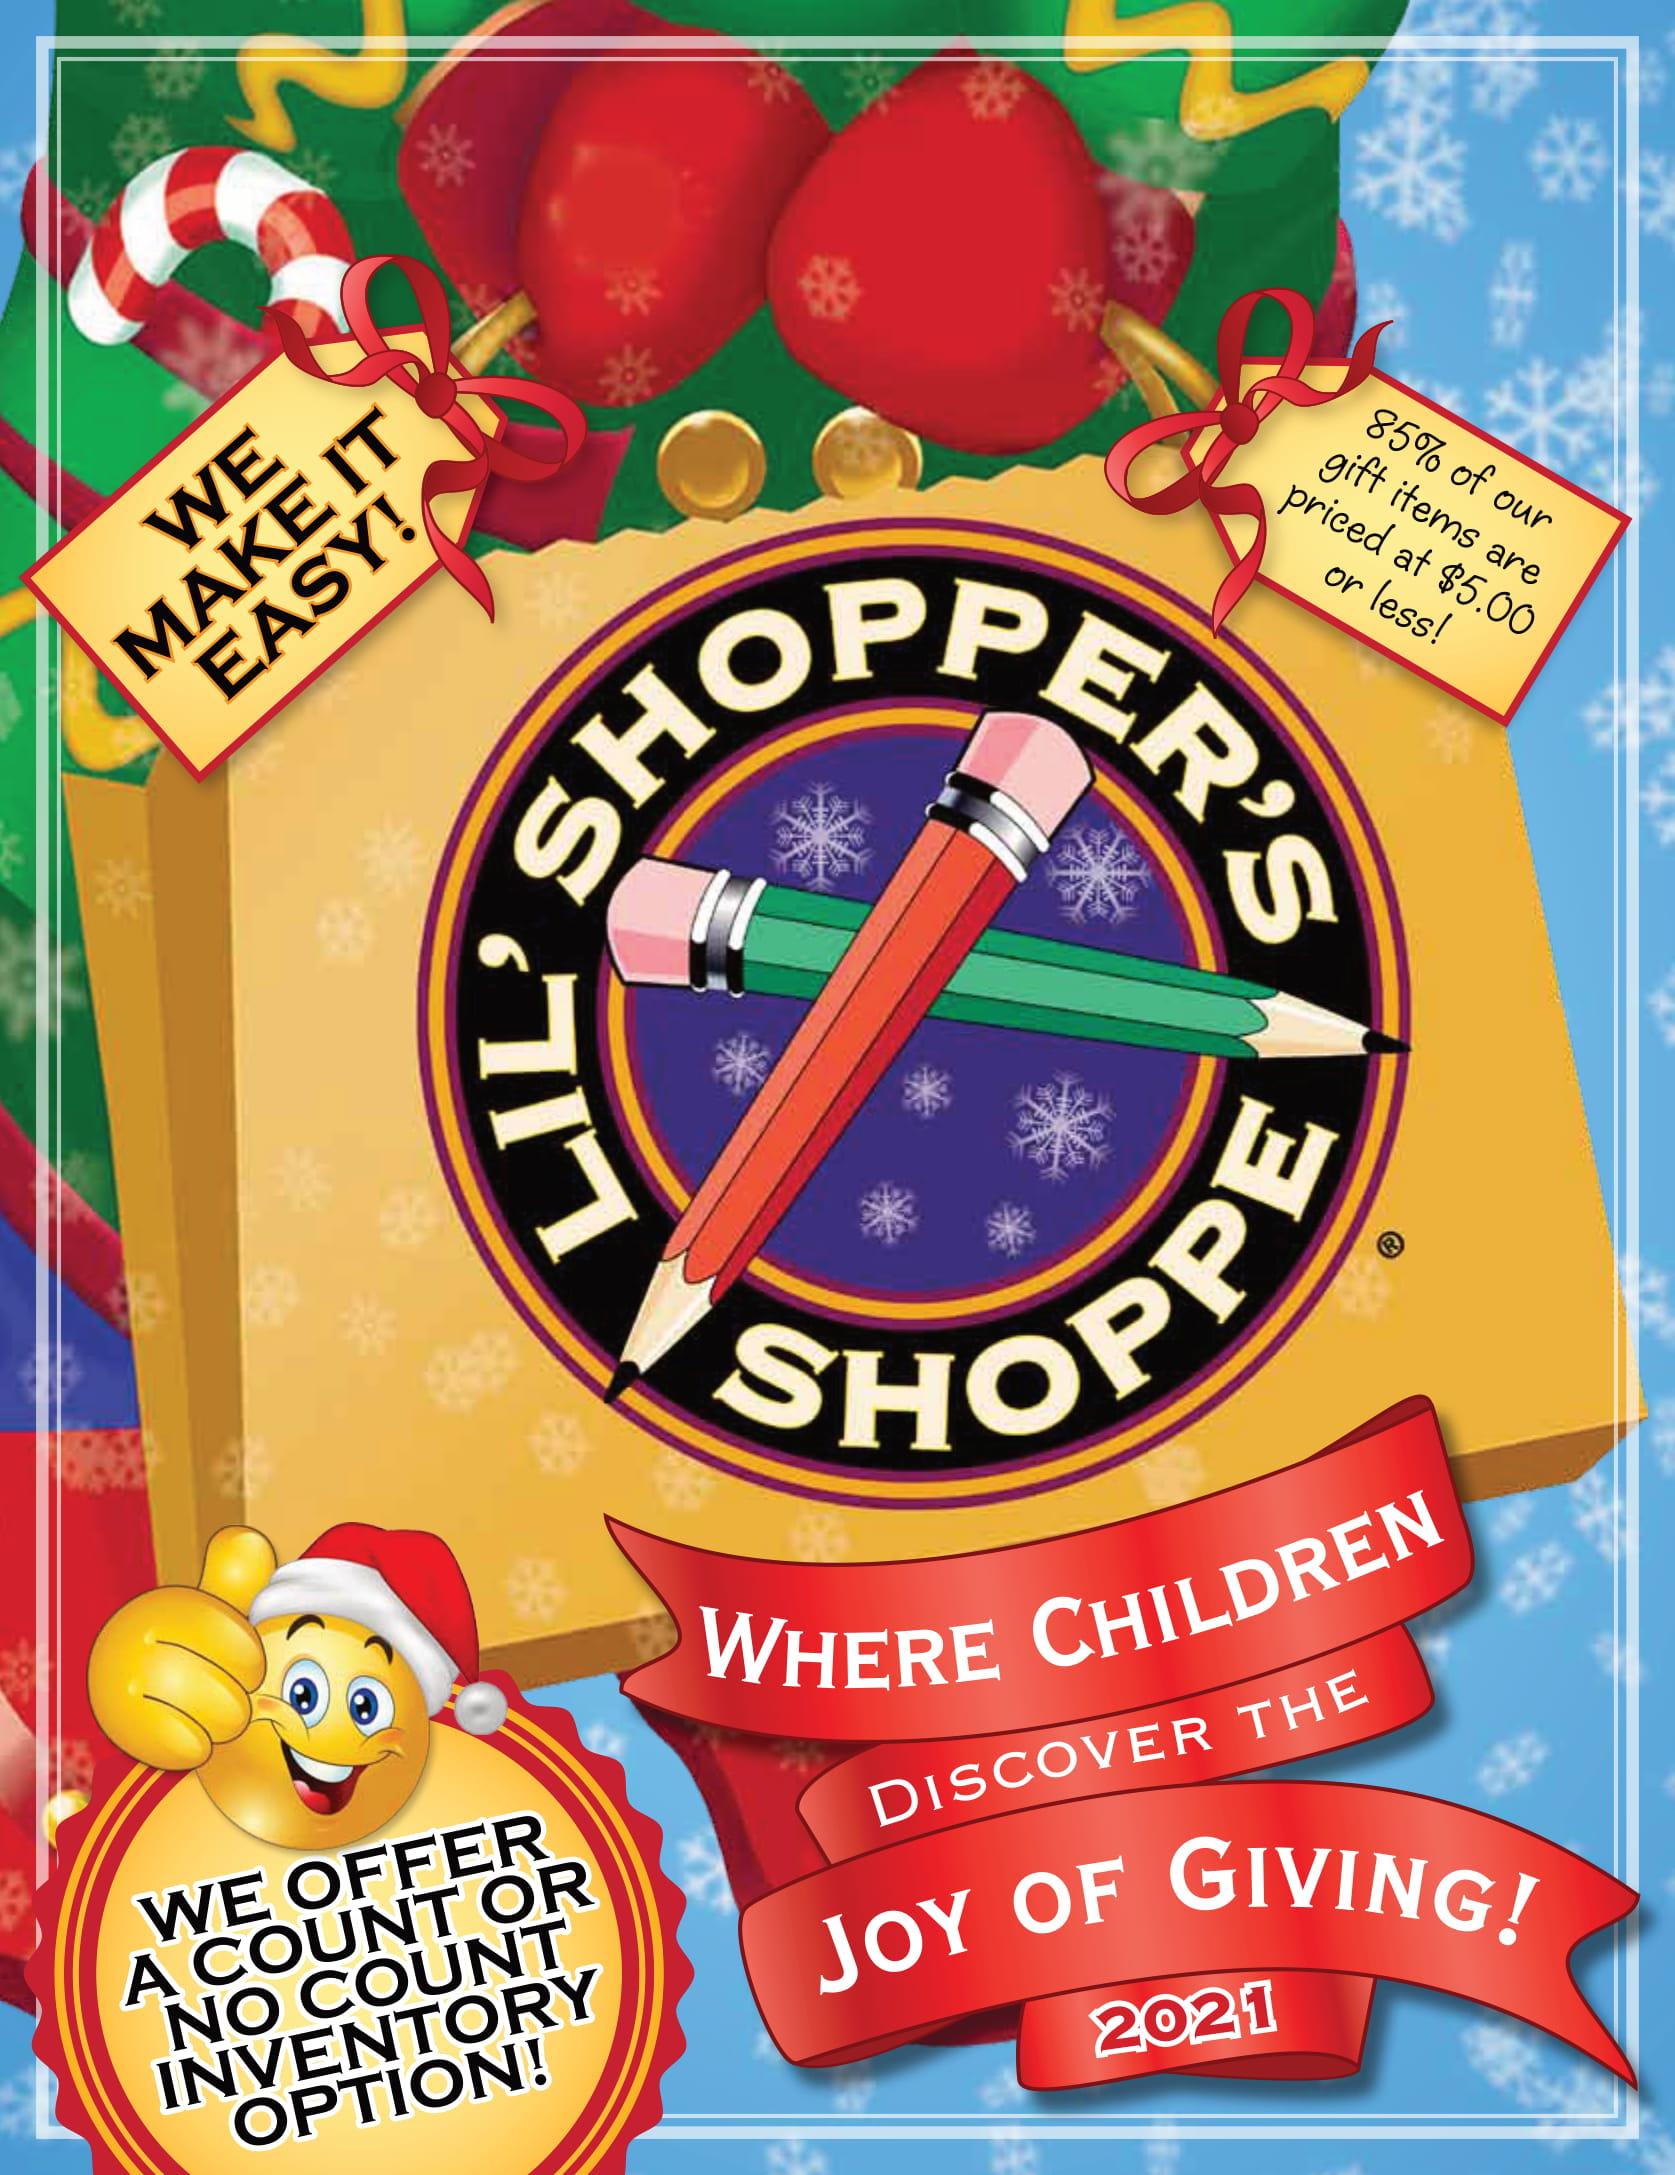 Lil' Shopper's Shoppe